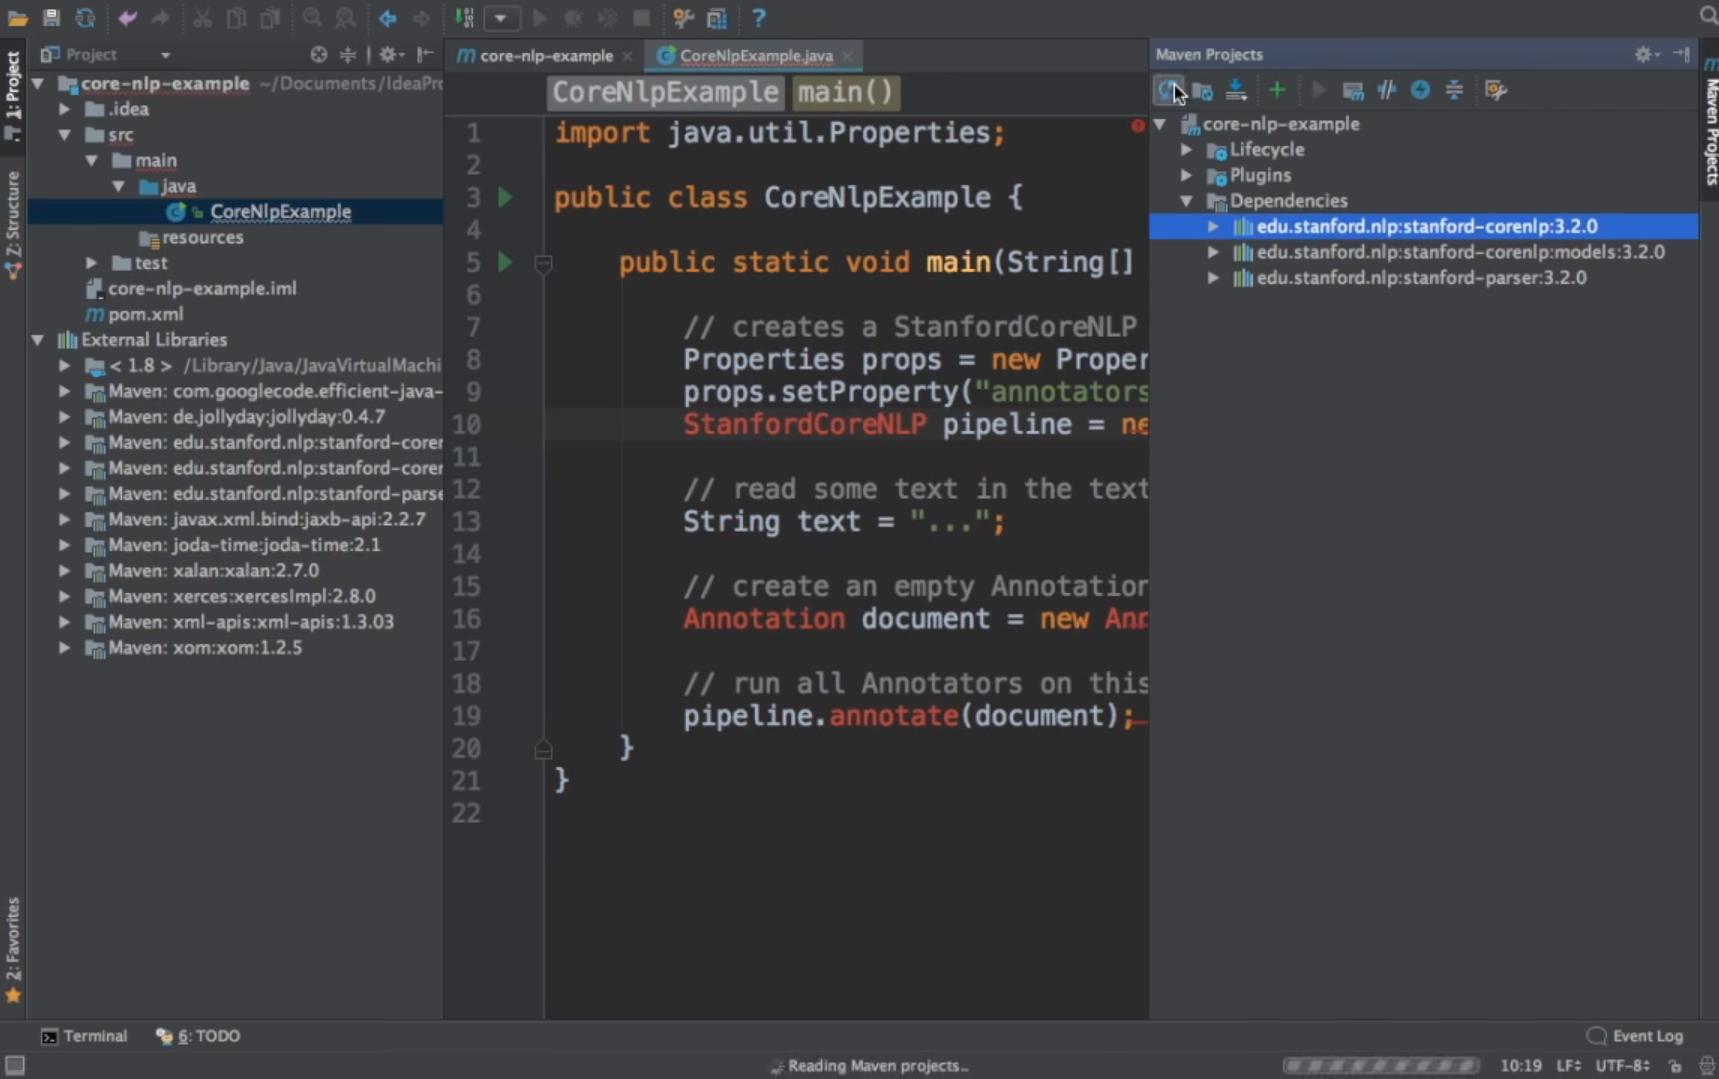 CoreNLP Software - CoreNLP example in Java